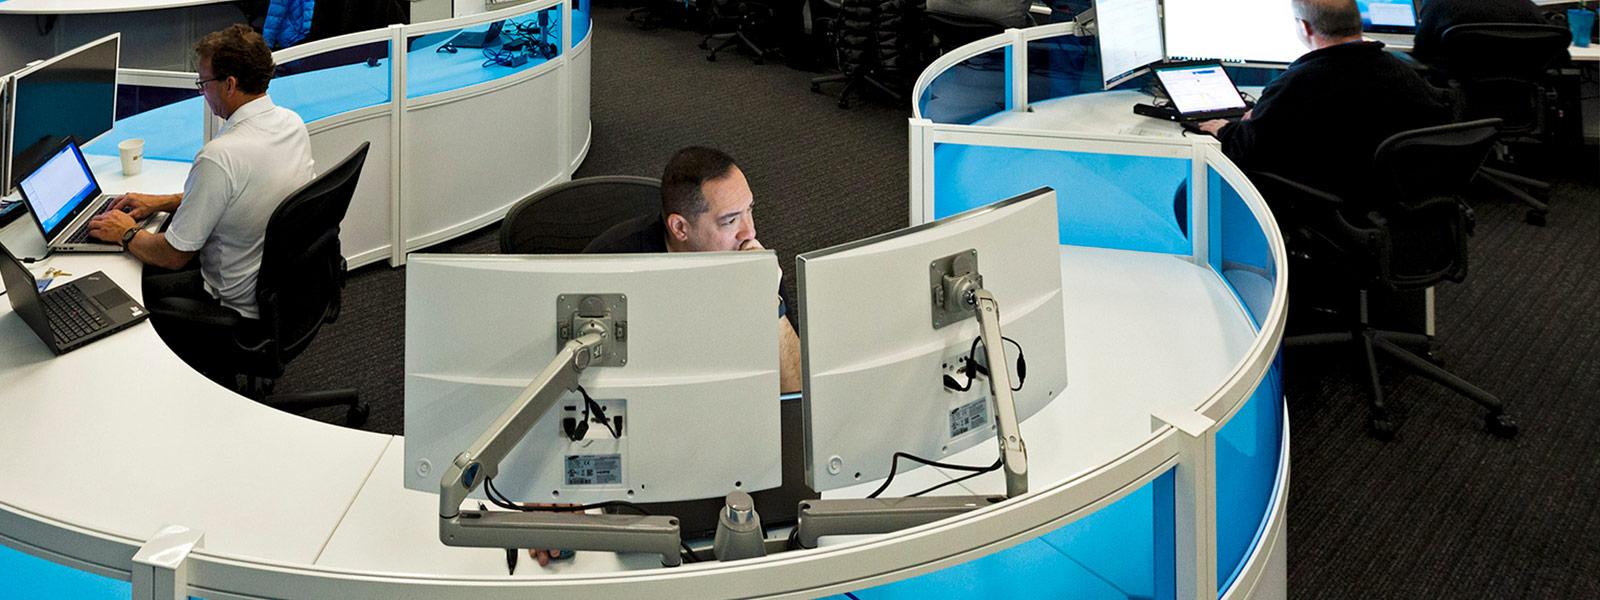 網路安全性中心的男人看著 2 台監視器